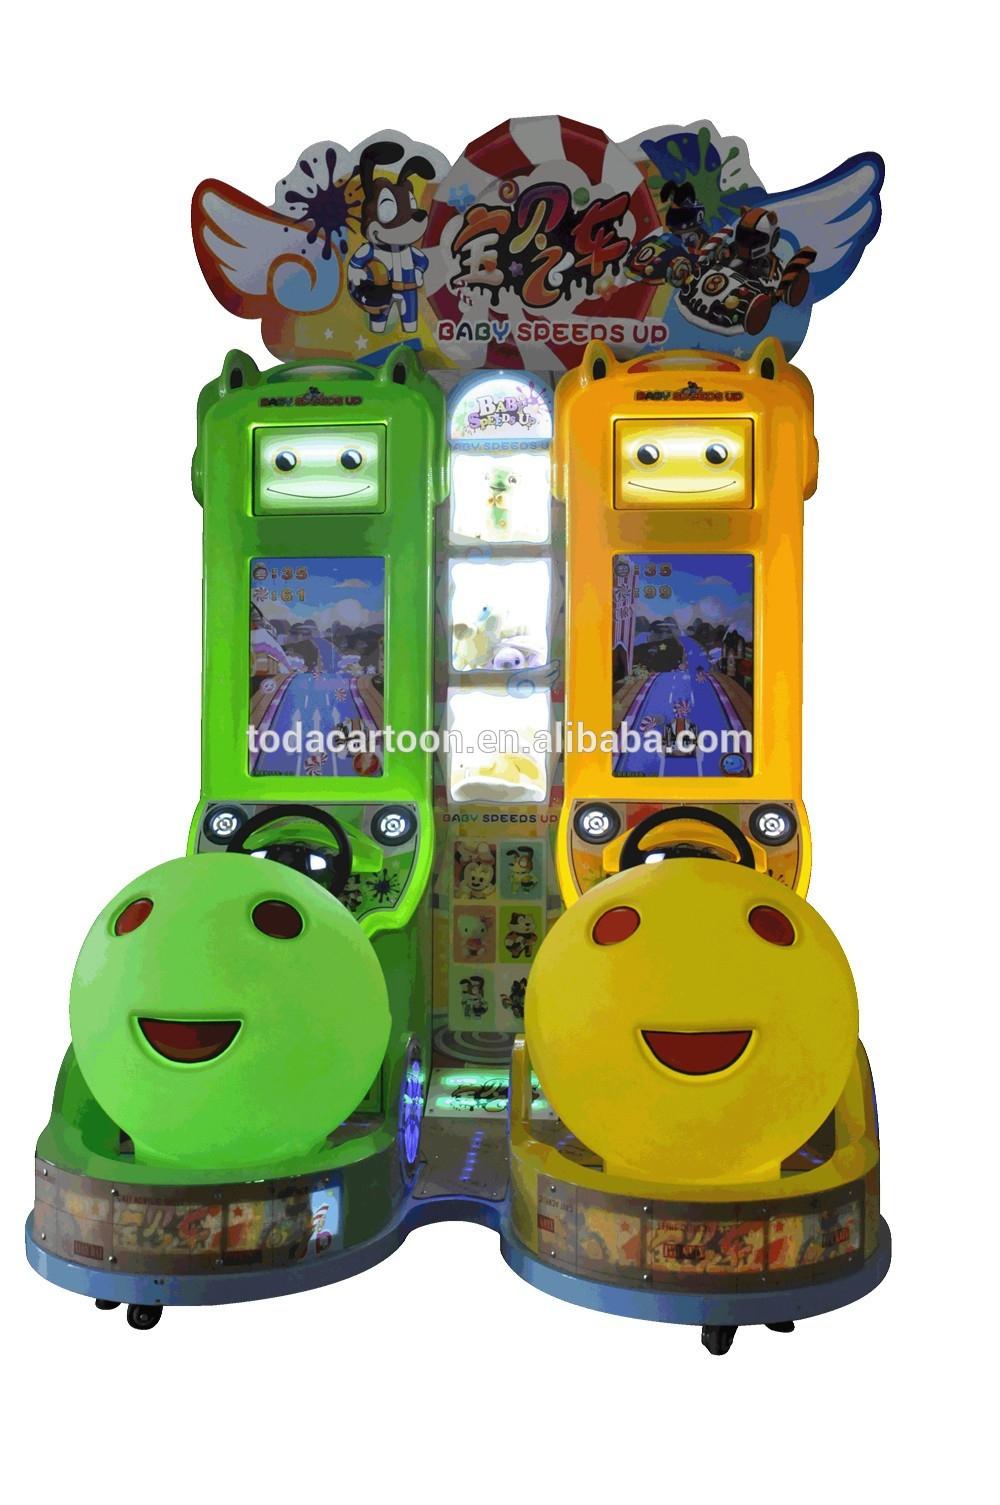 Toda Enfants Machine De Jeu Bébé Simulateur De Course D'arcade Gratuit  Jouer En Ligne Moteur Enfants Jeux De Voiture Pour Les Garçons Vente - Buy concernant Jeux Voiture Bebe